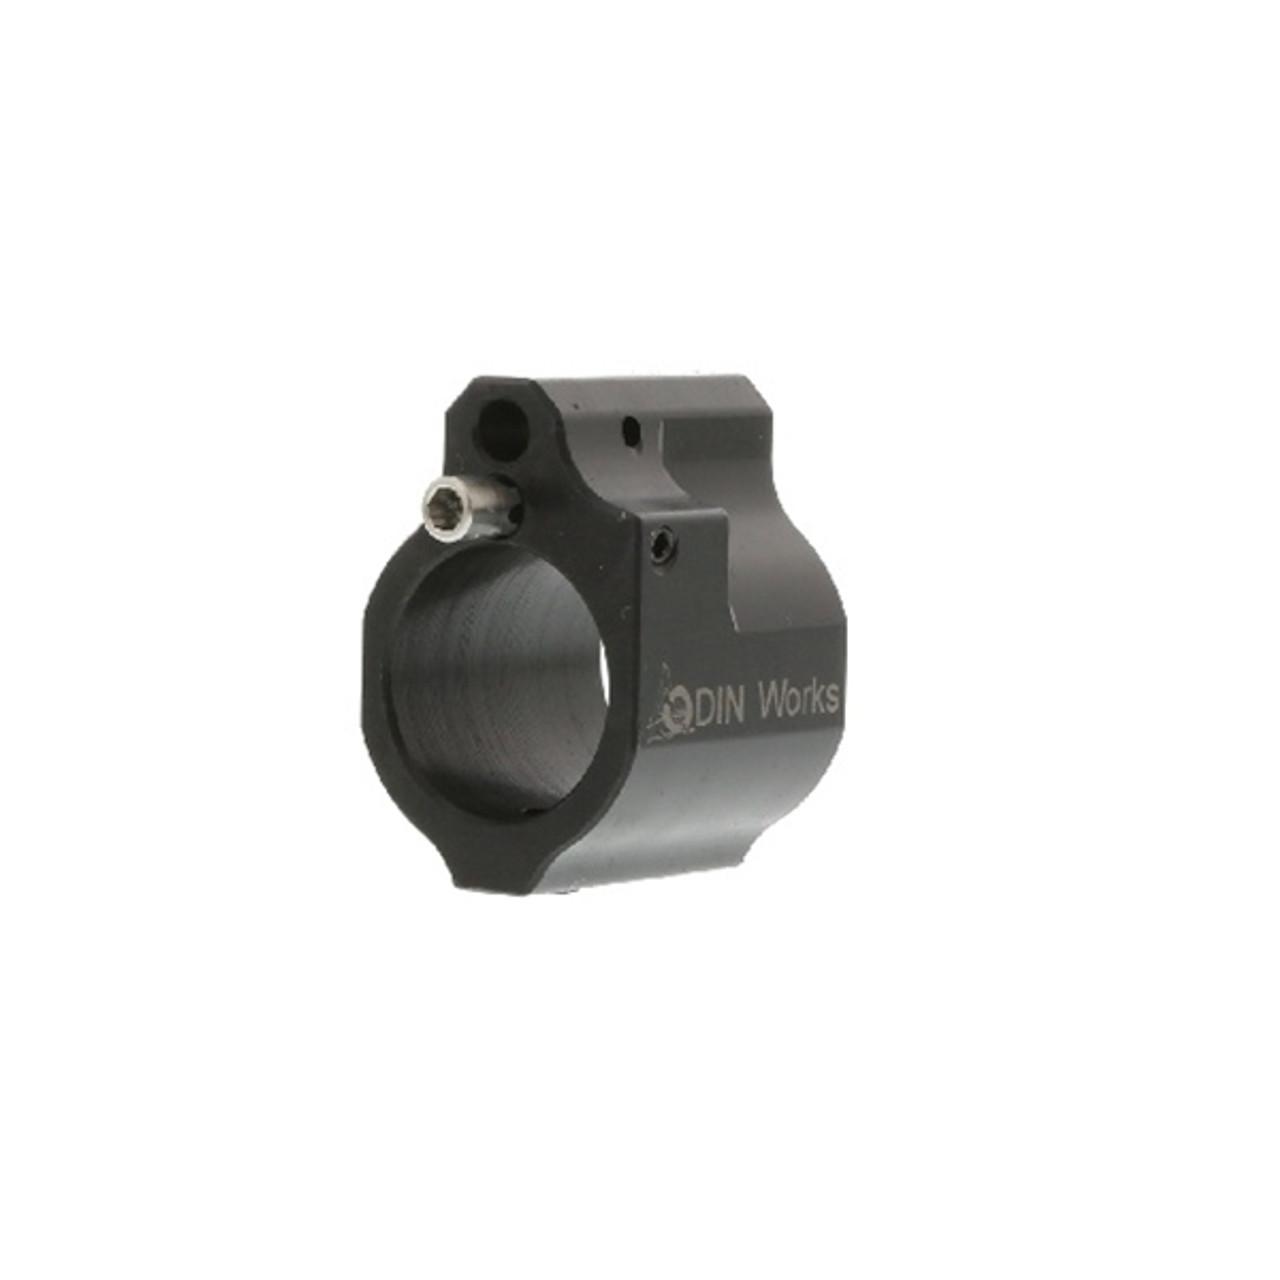 Odin Works - Adjustable Gas Block